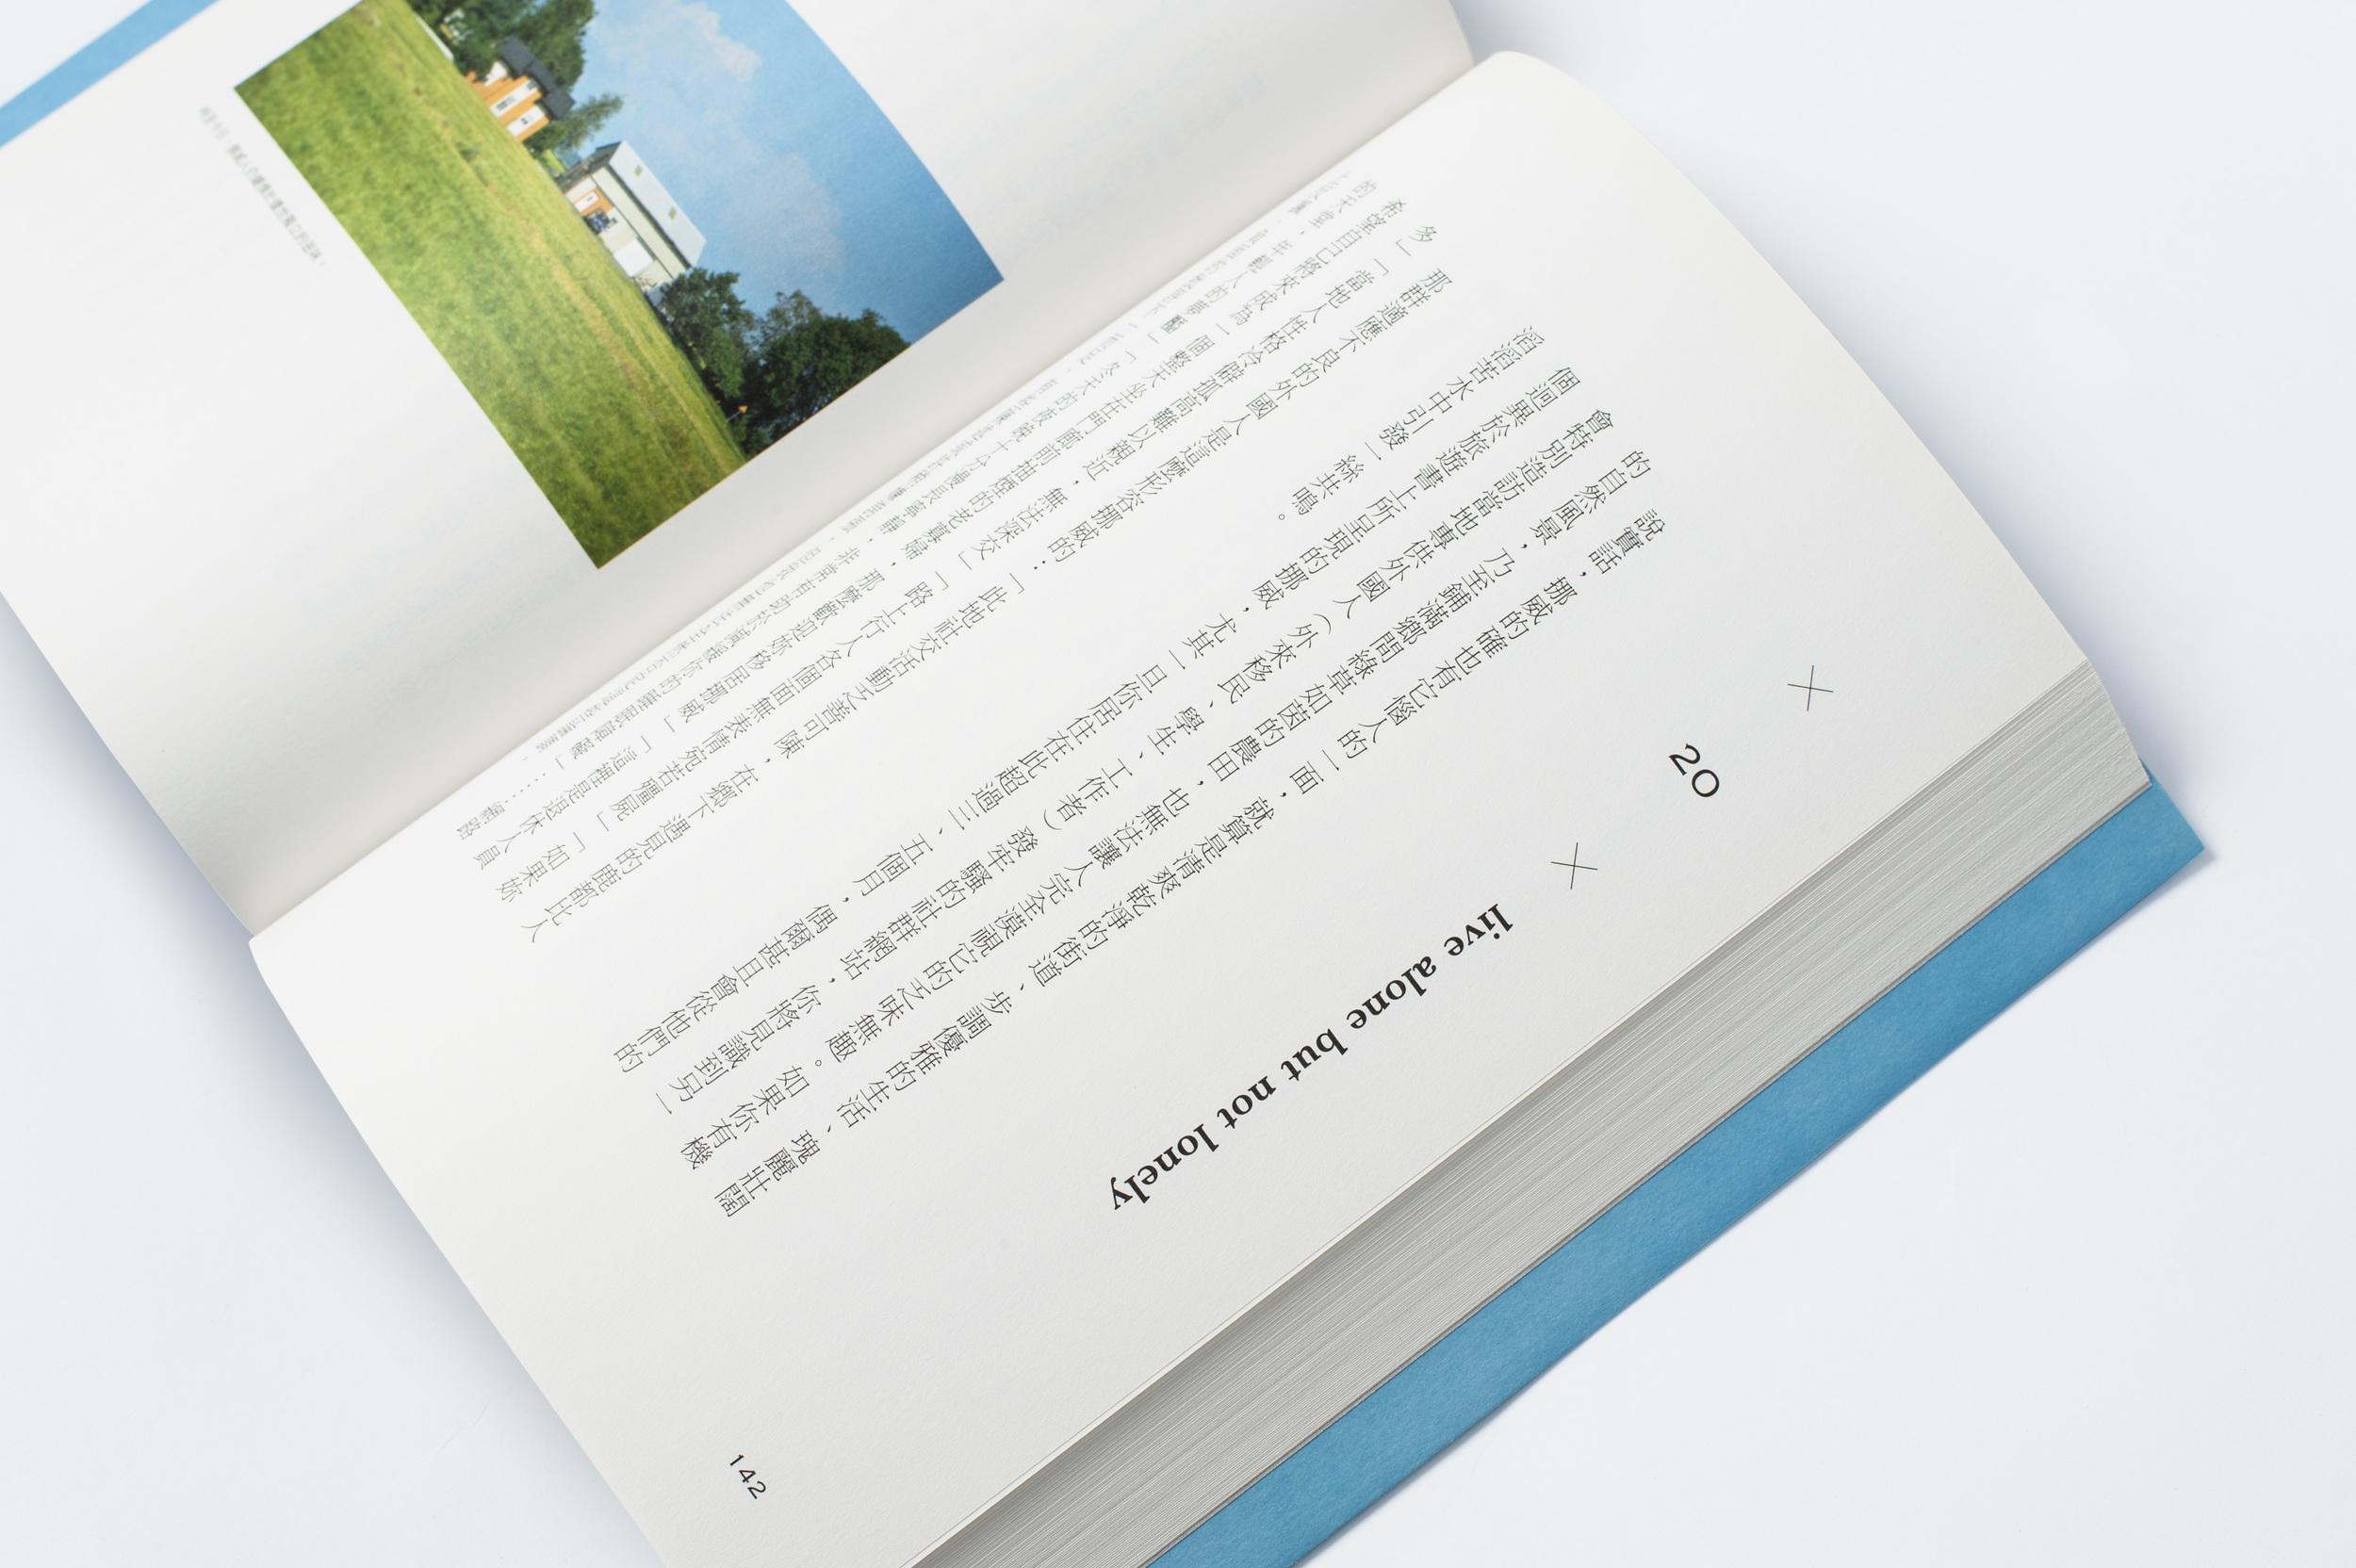 挪威人-內頁01.jpg